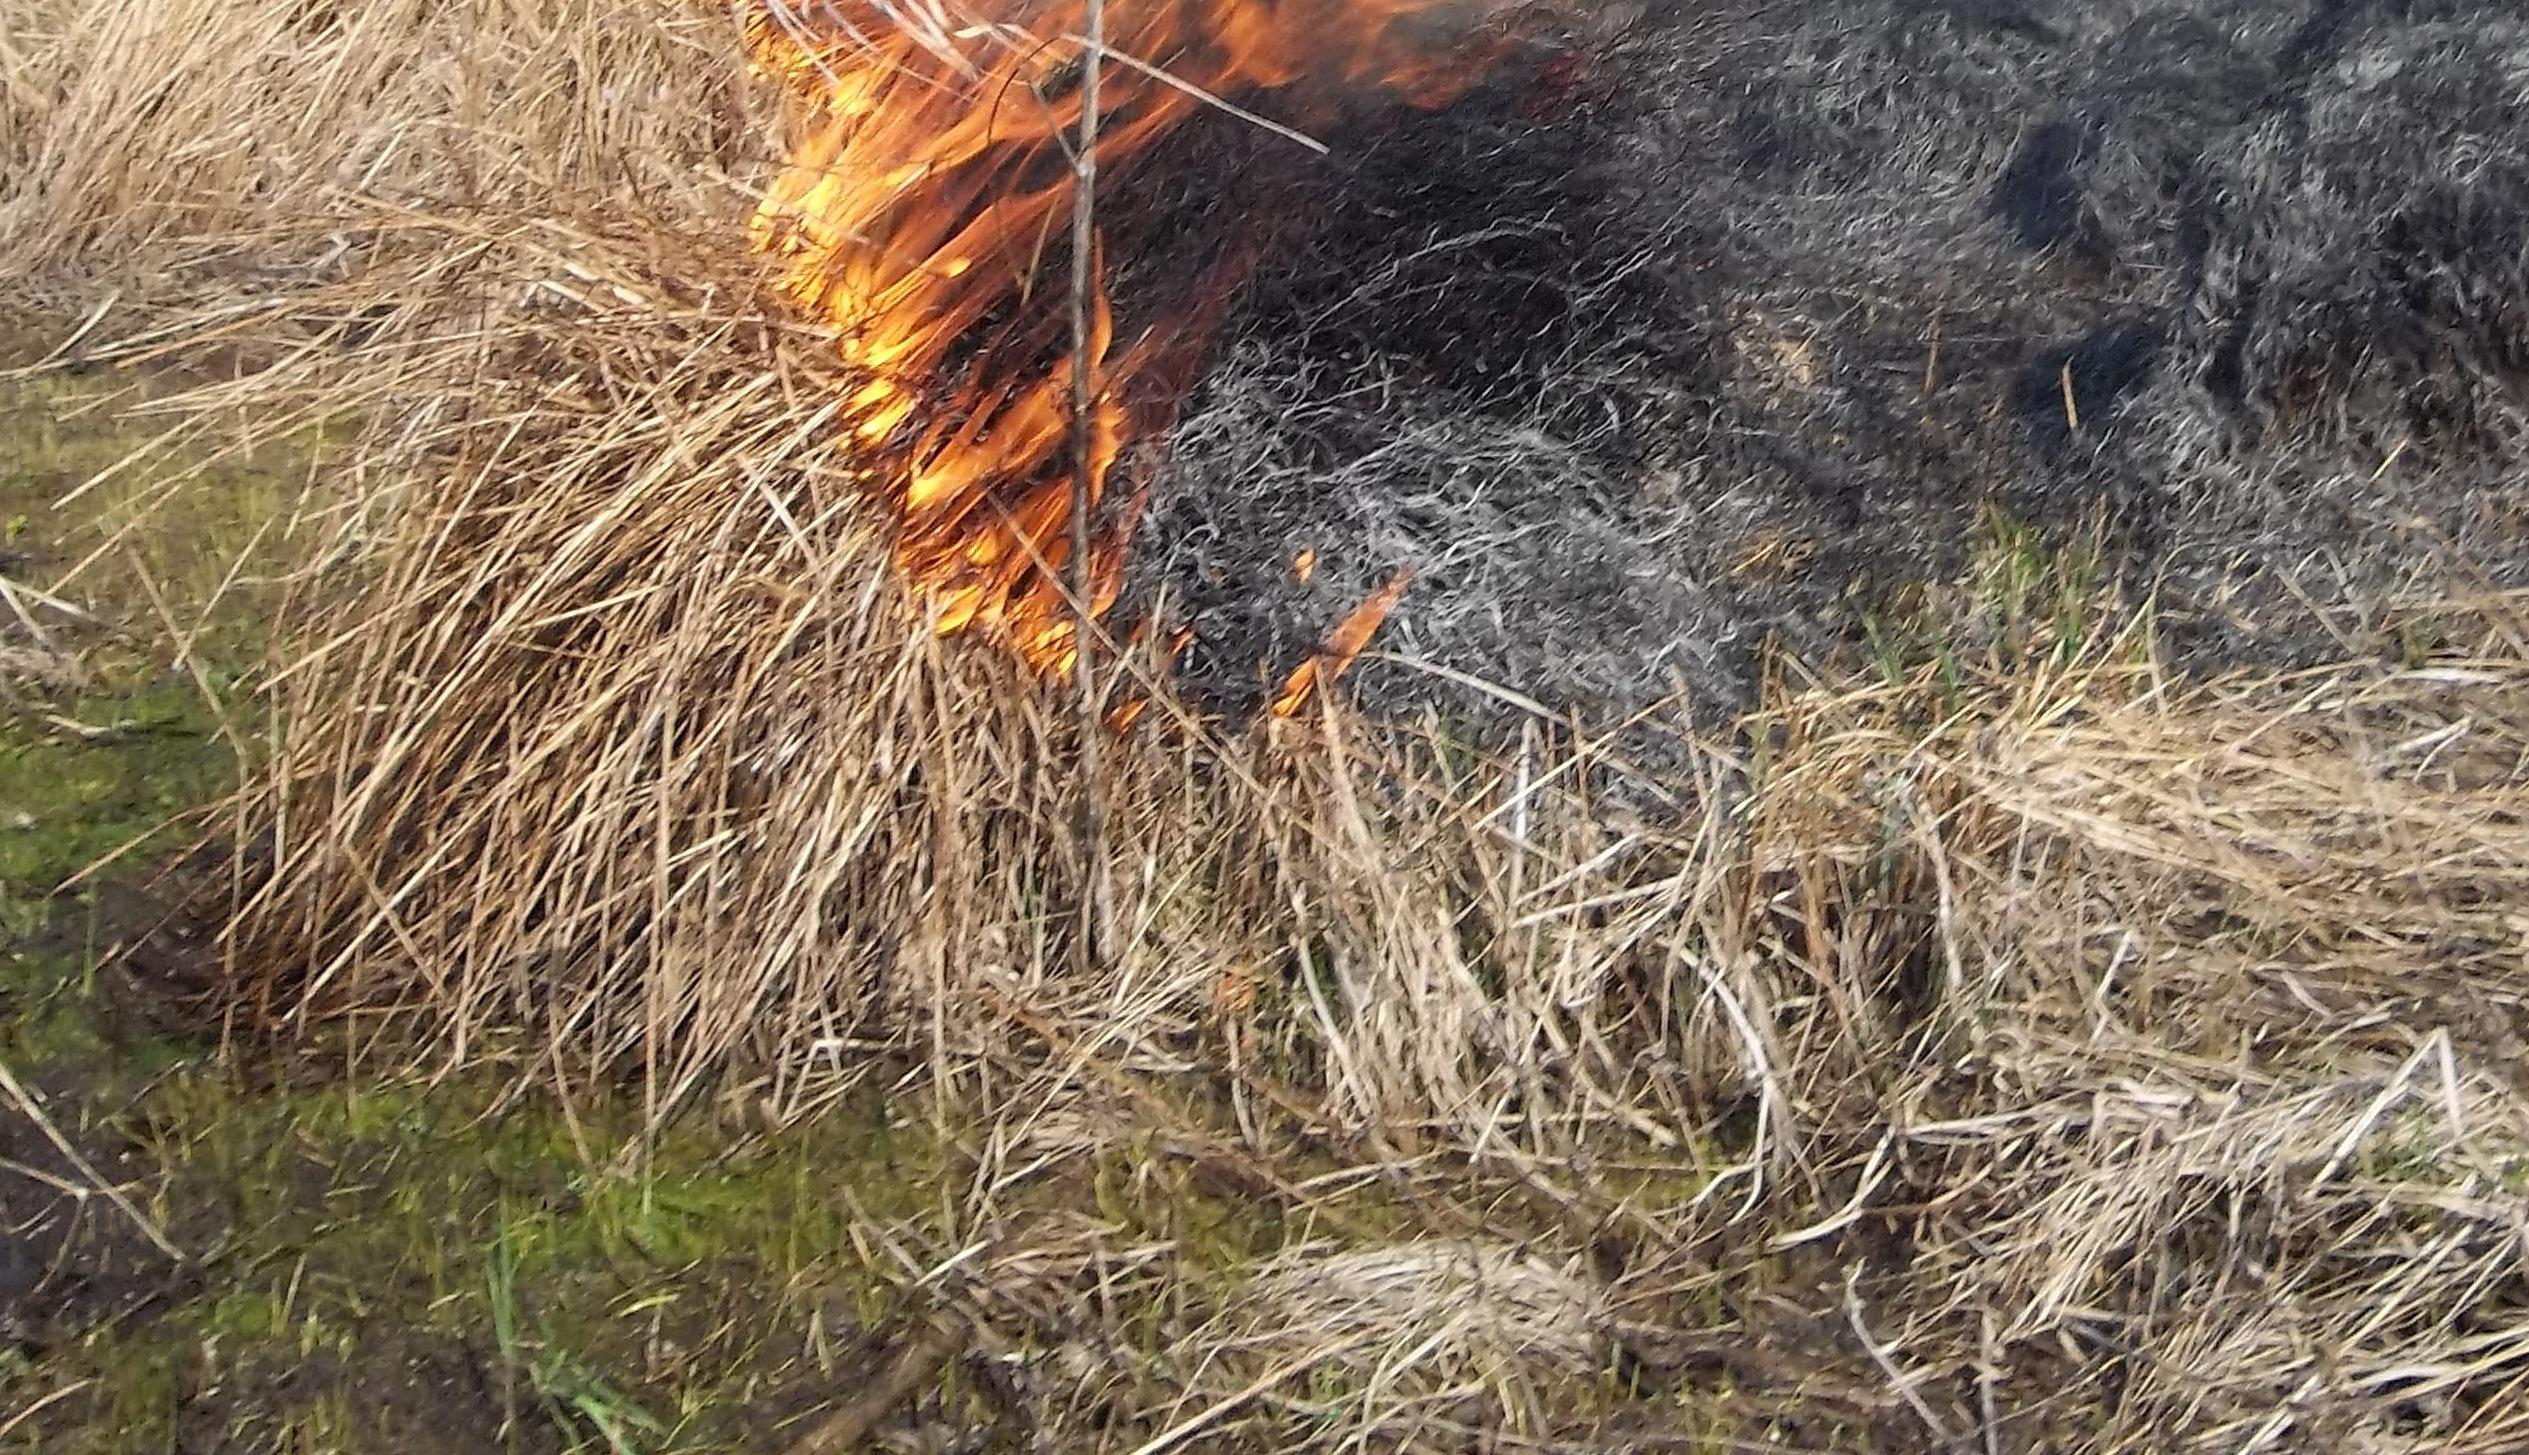 Trawy-pożar